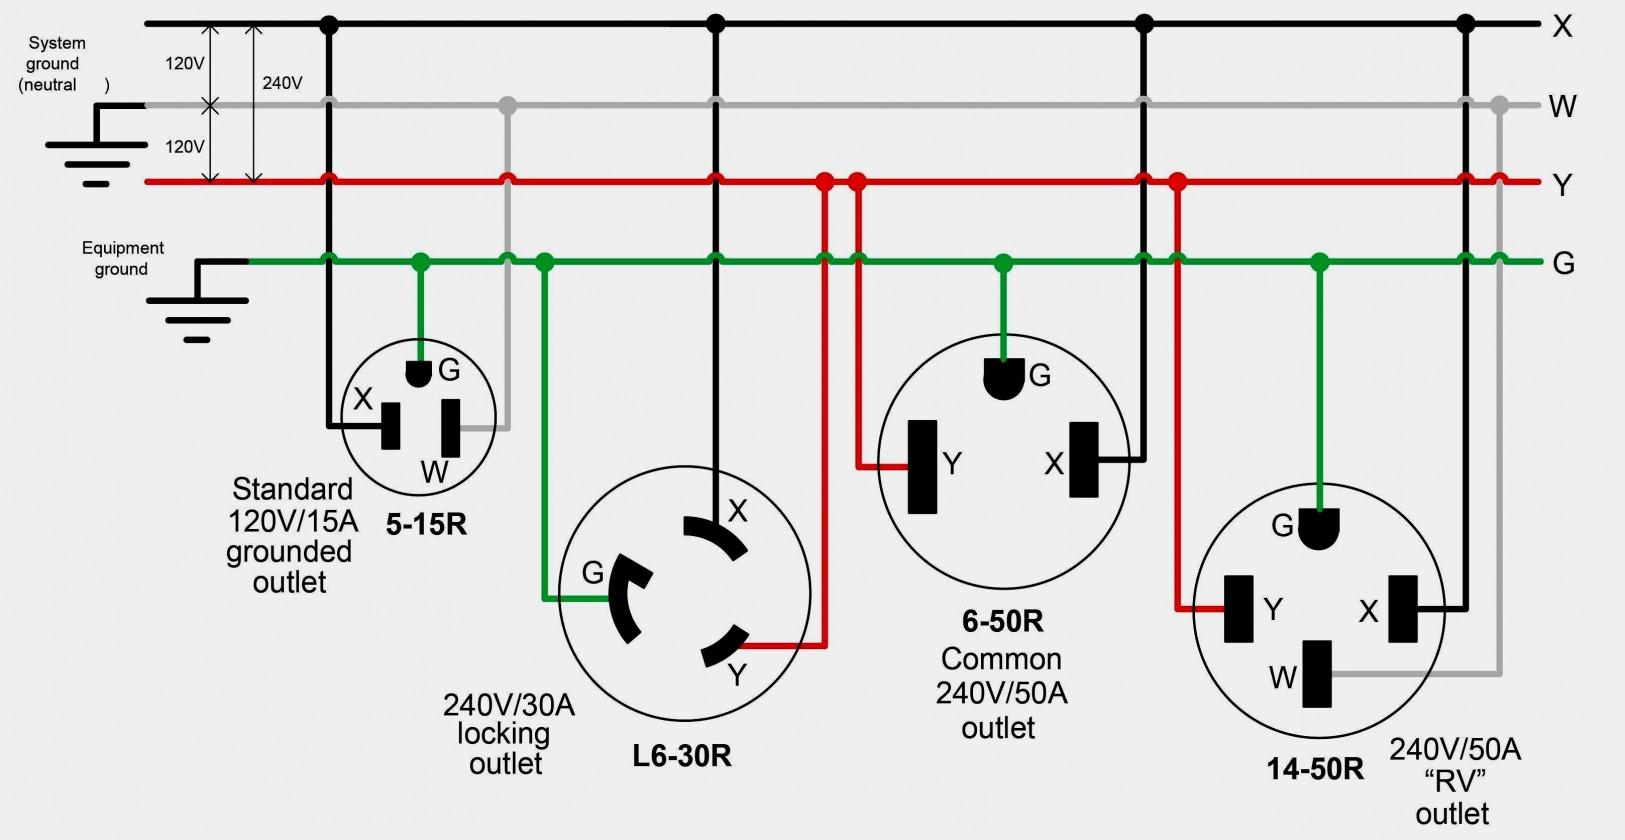 30 Twist Lock Plug Wiring Diagram - Schematics Wiring Diagram - 20 Amp Twist Lock Plug Wiring Diagram